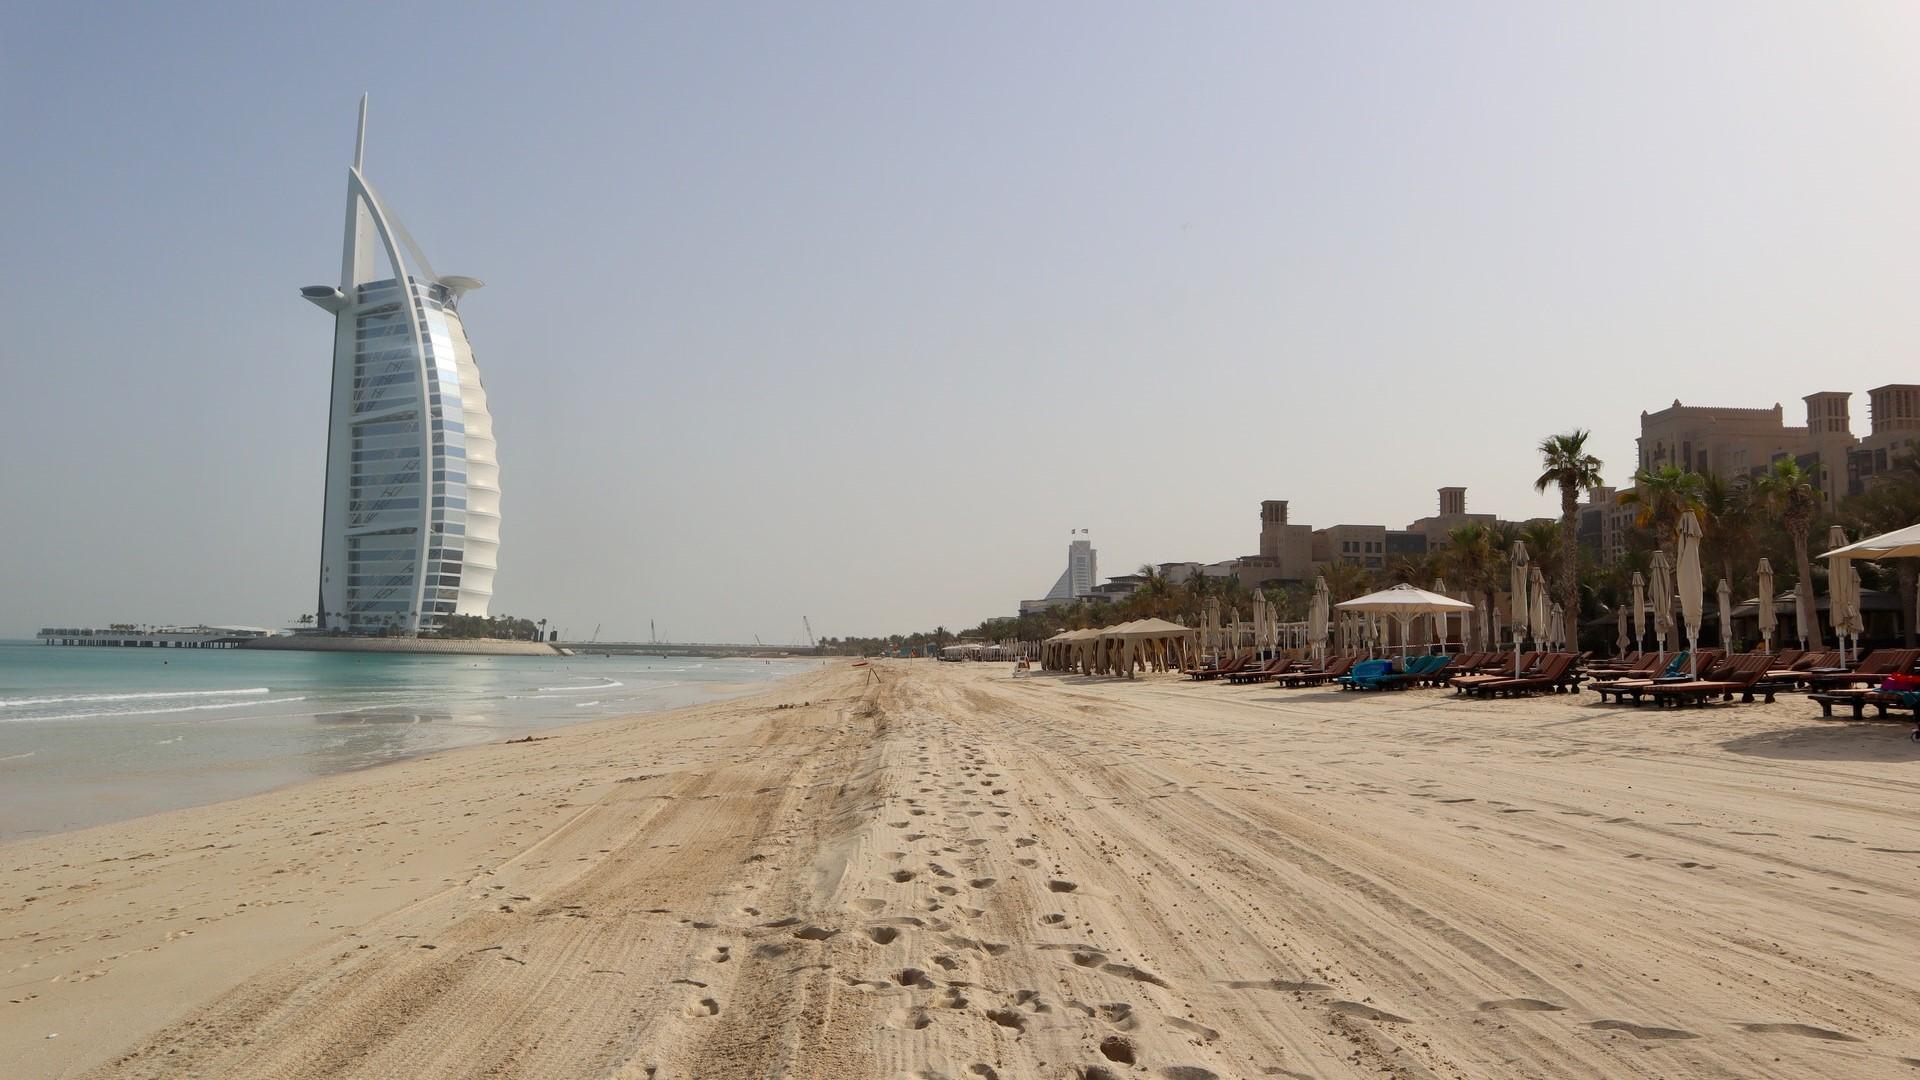 Dubai valóban vonzó célpont egy nászútra (Fotó: Pexels.com)